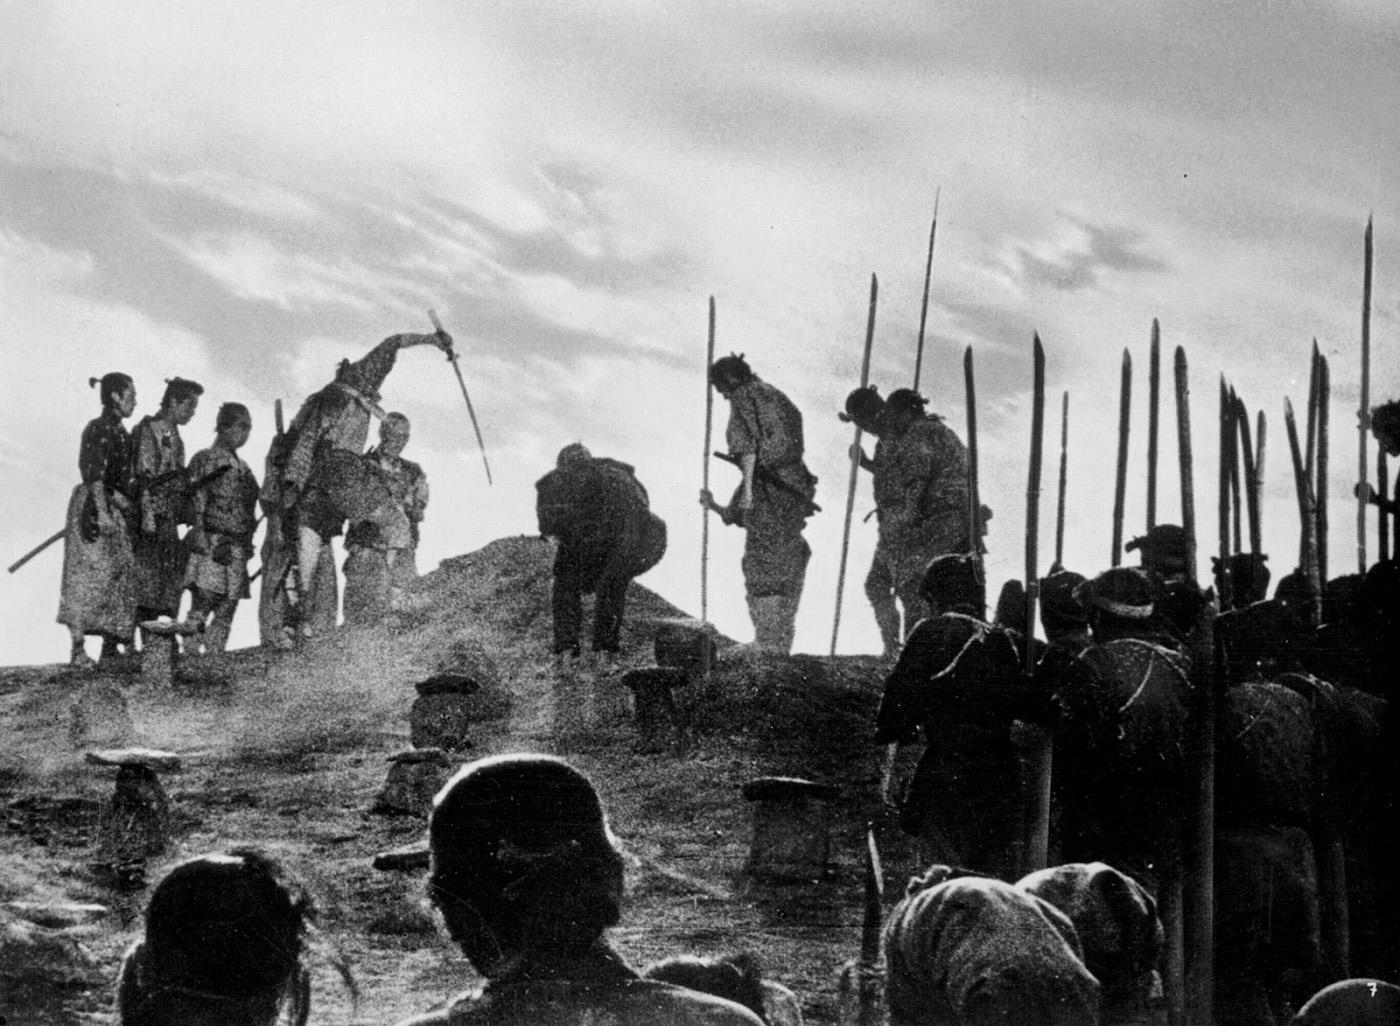 CuadroXCuadro: 'Los siete samuráis' o la primera película de acción de la historia